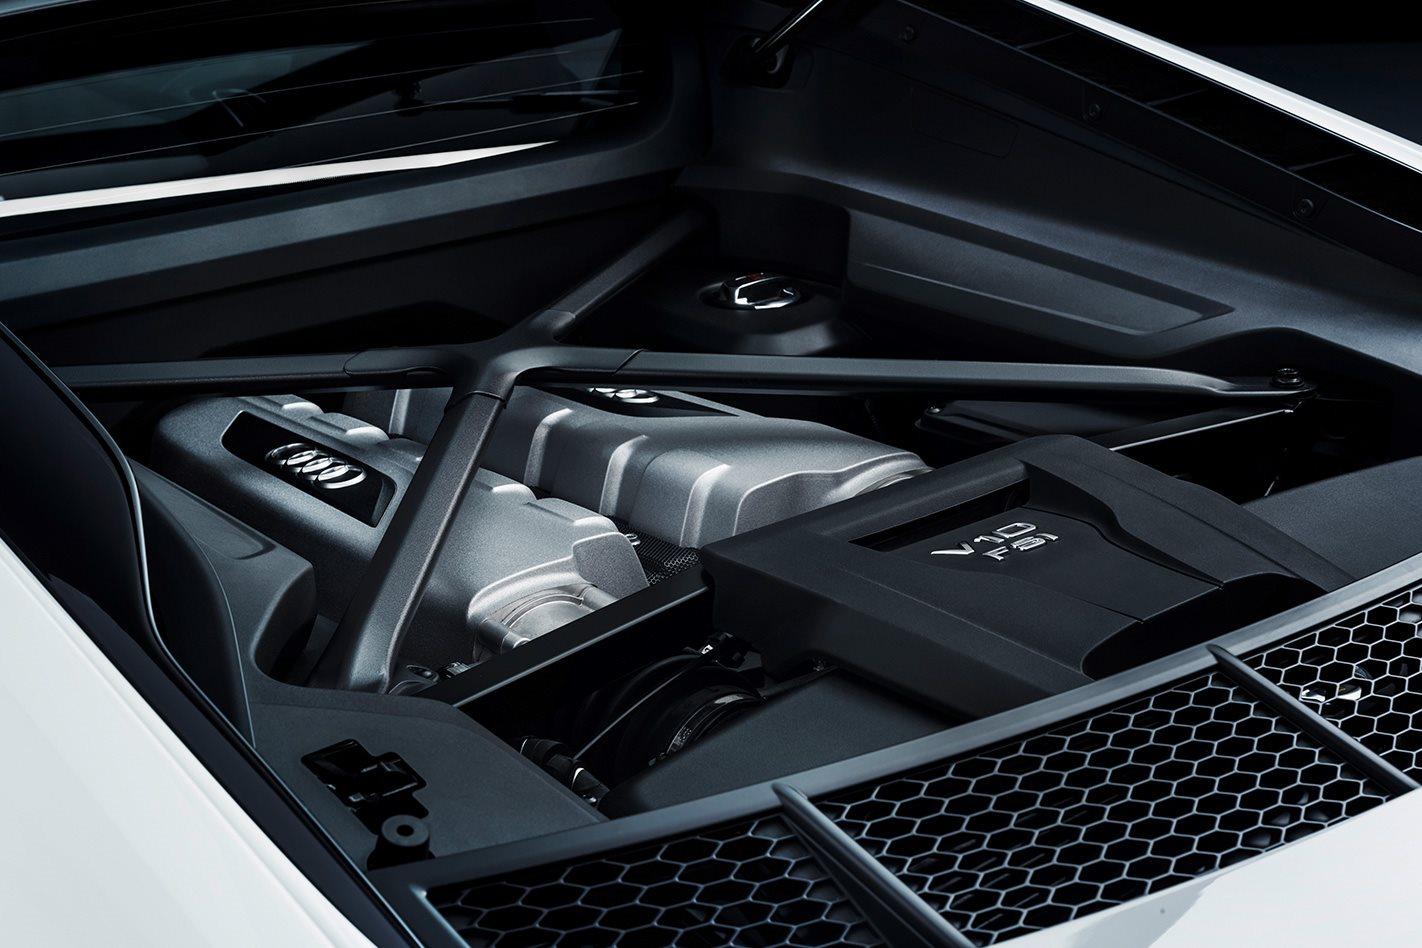 Audi R8 V10 RWS engine.jpg